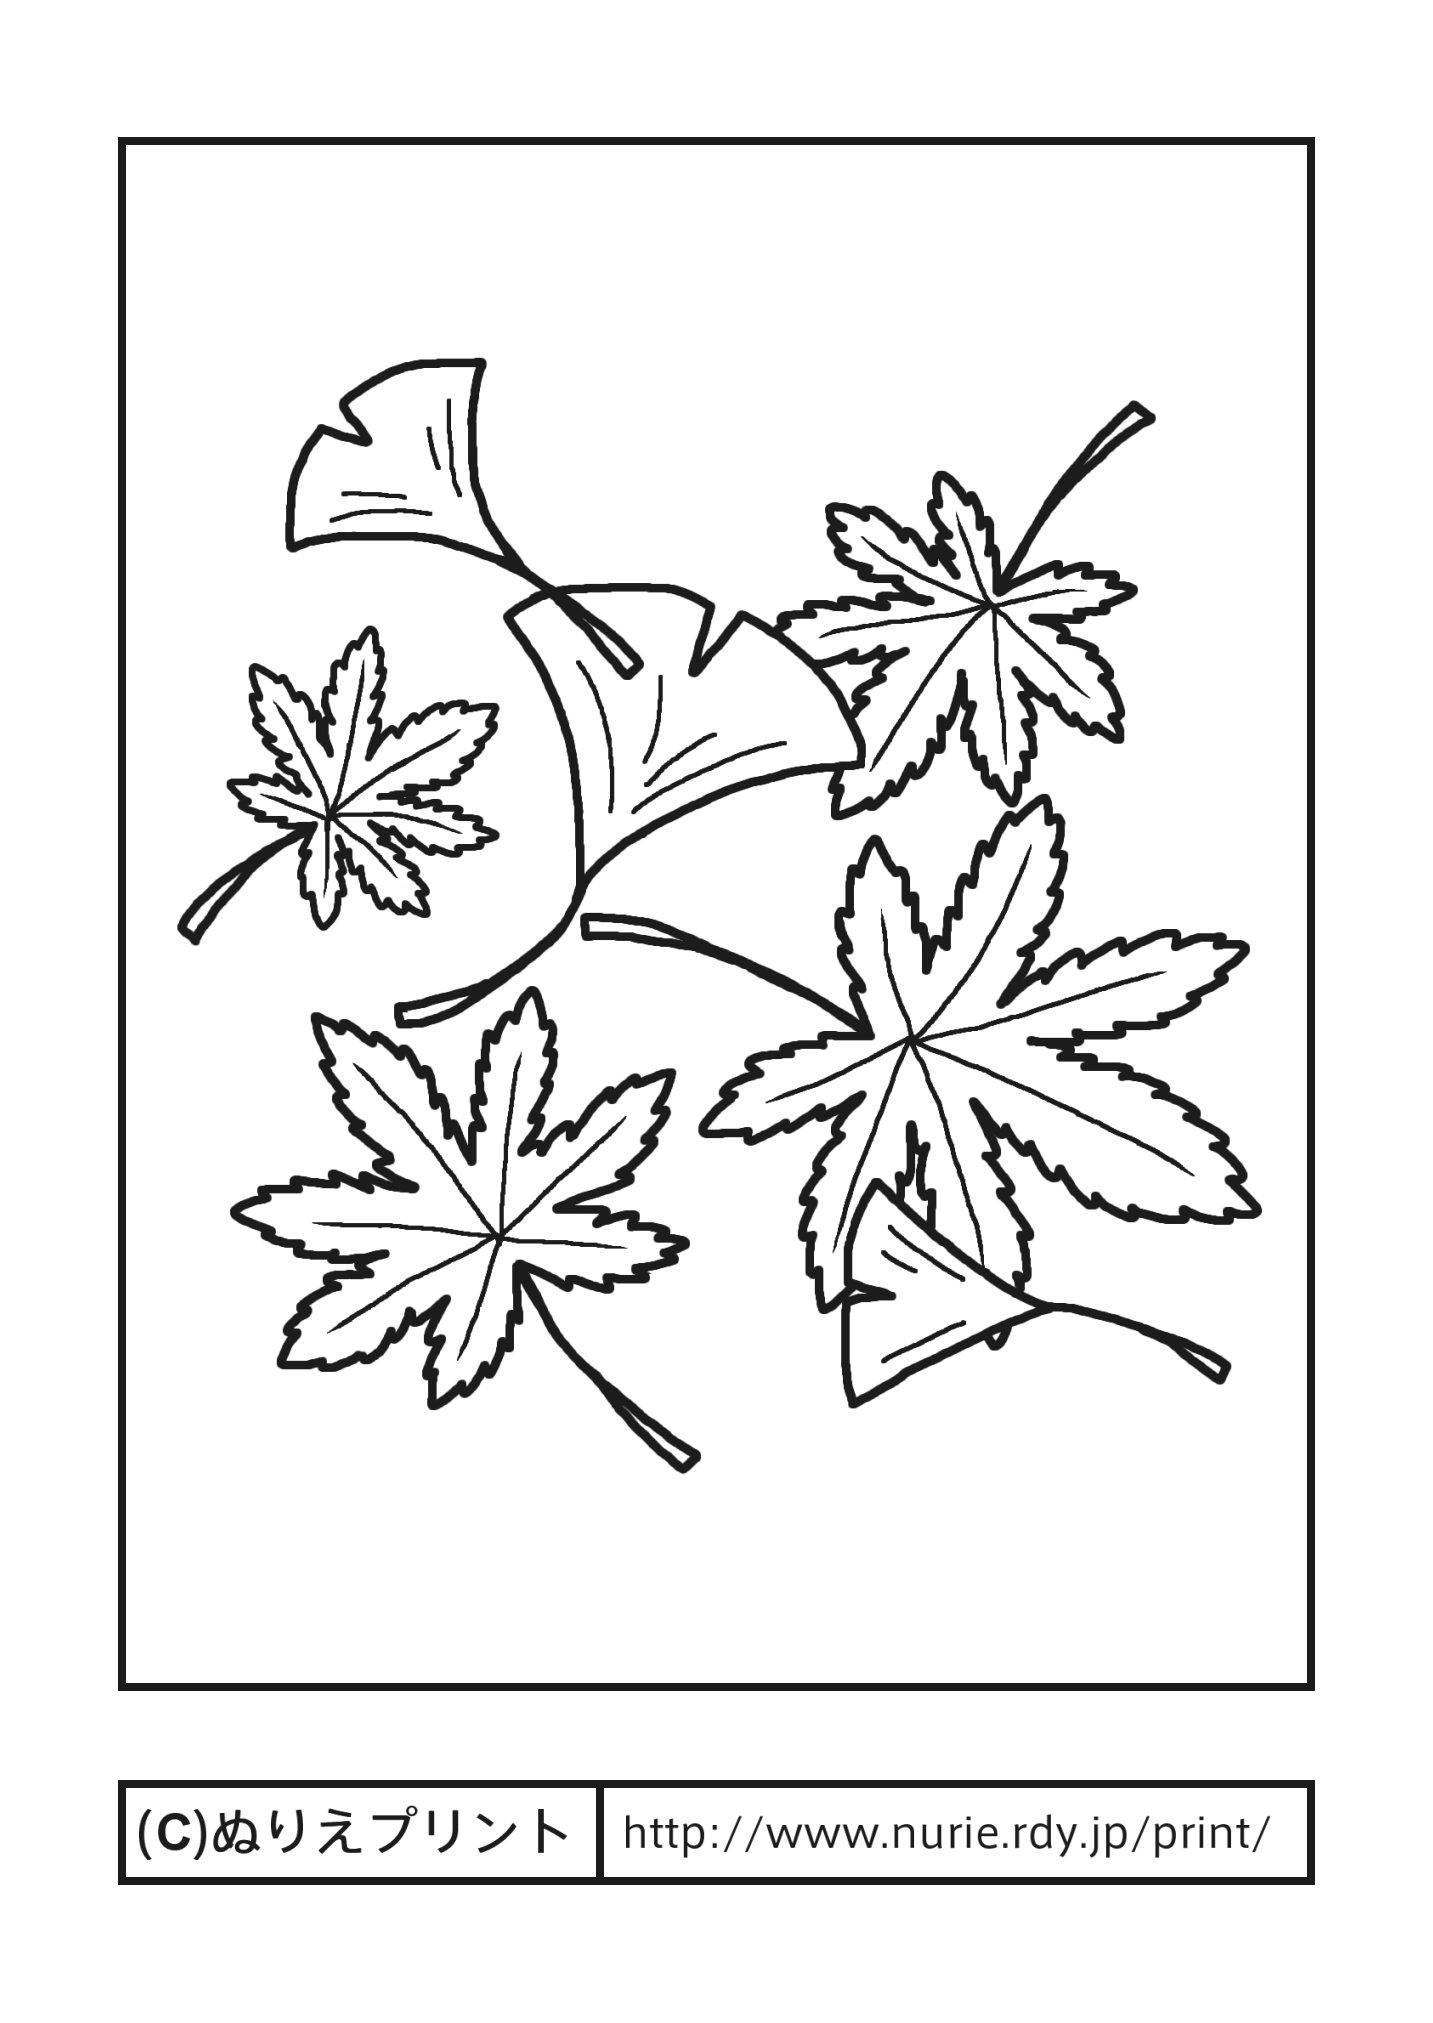 落ち葉・紅葉と銀杏(主線・黒)/秋の季節・行事/大人の塗り絵